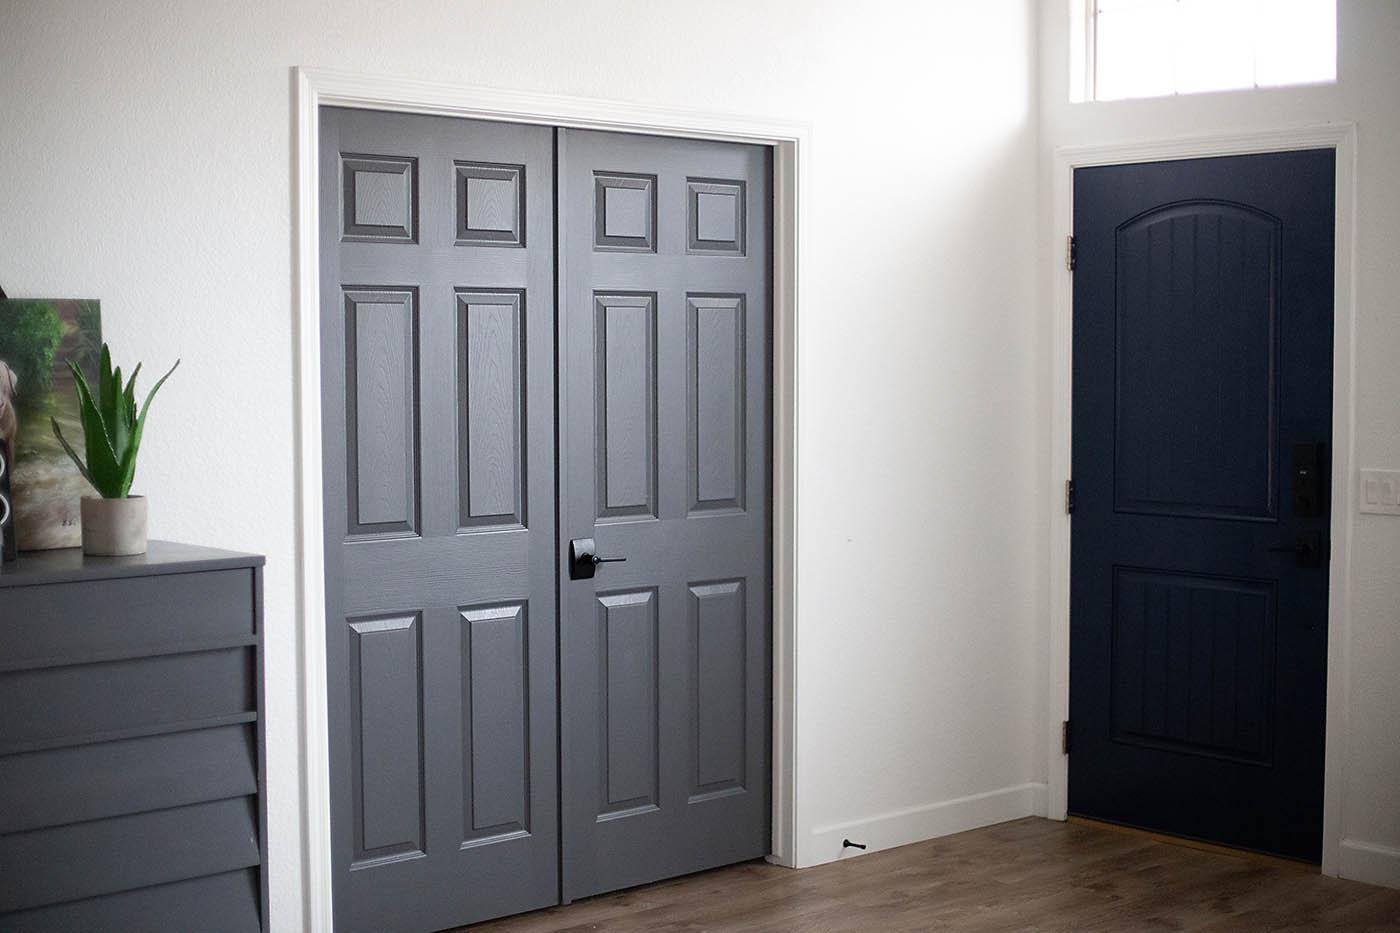 Dark Gray Doors u2013 How to Paint Your Own & Dark Gray Doors - How to Paint Your Own - All for the Memories